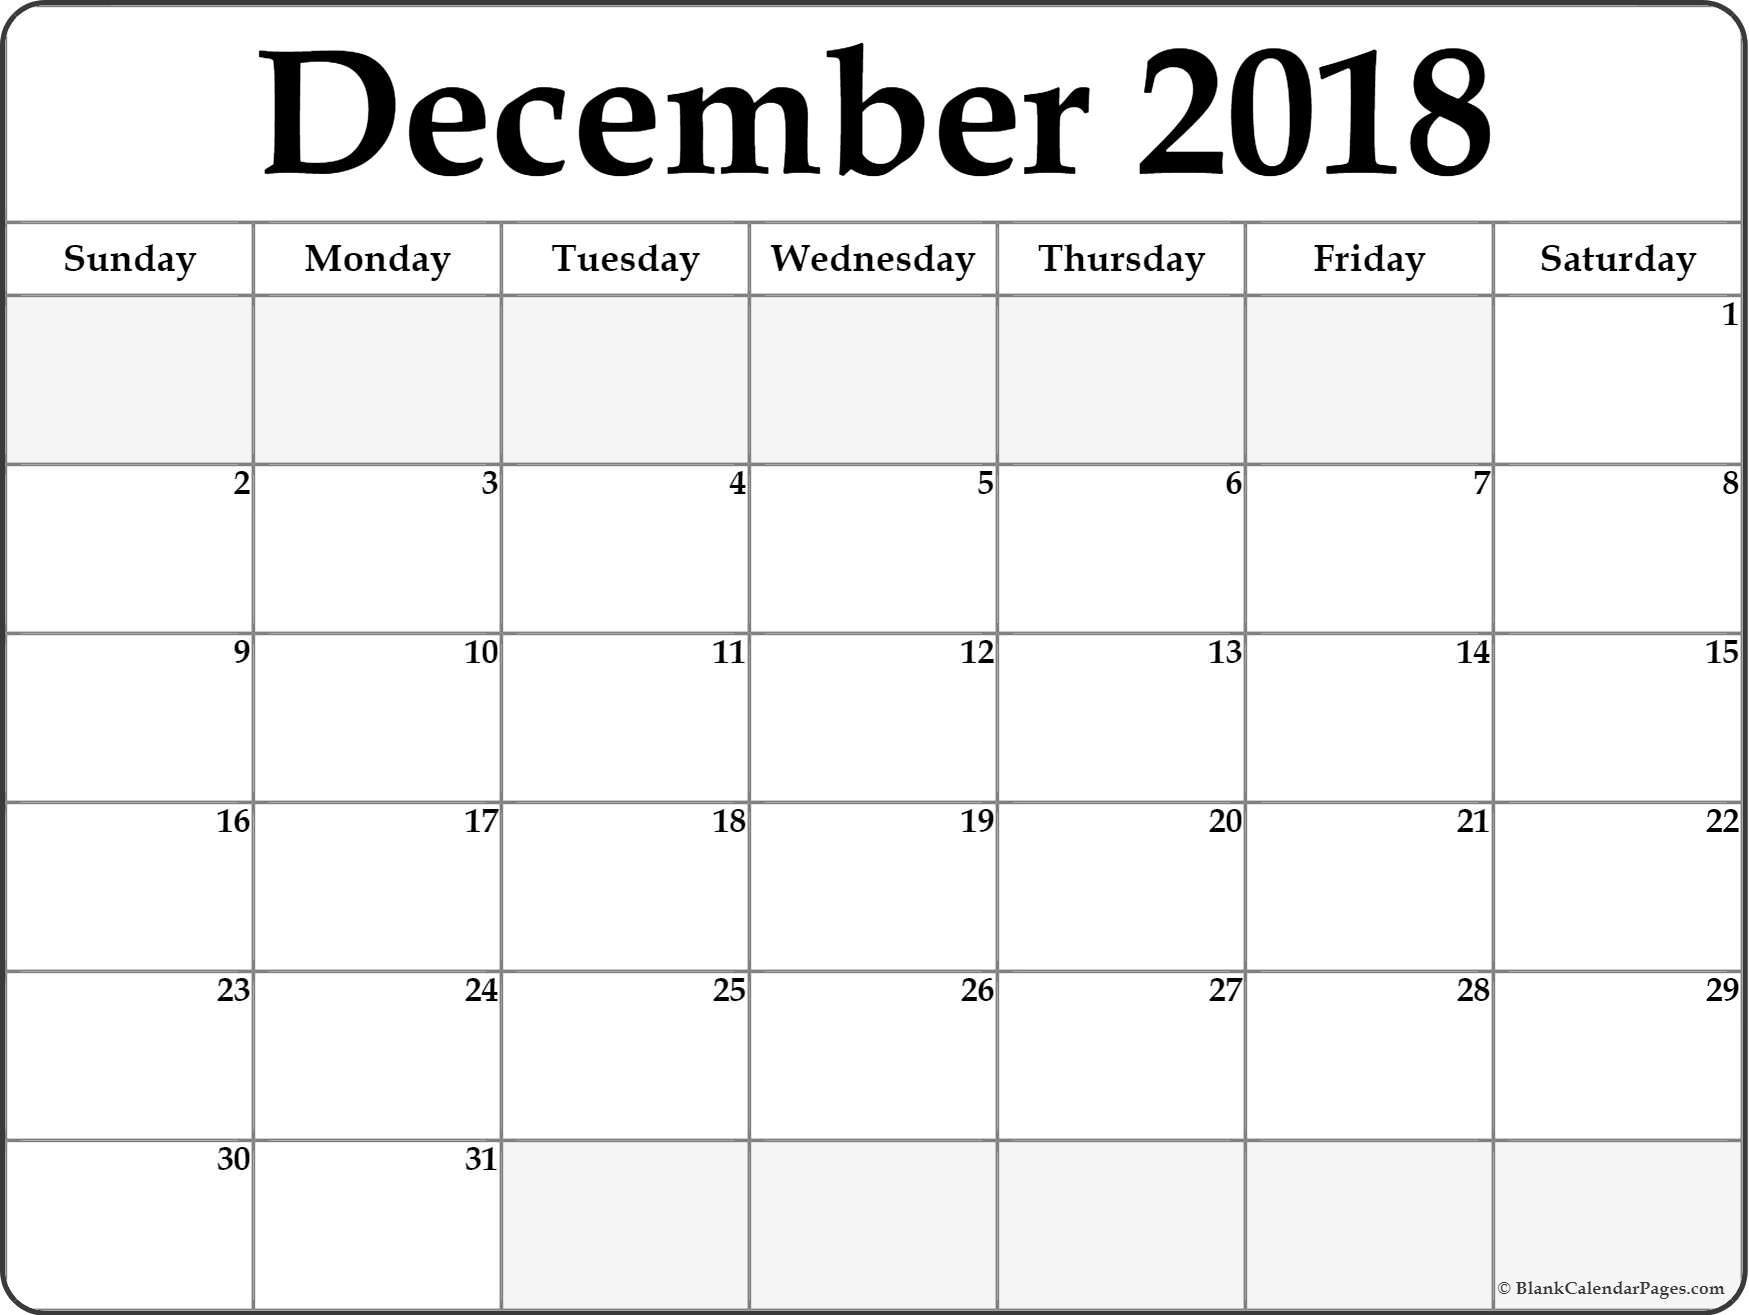 December 2018 Blank Calendar . December 2018 Calendar Printable within Blank December Calendar Printable